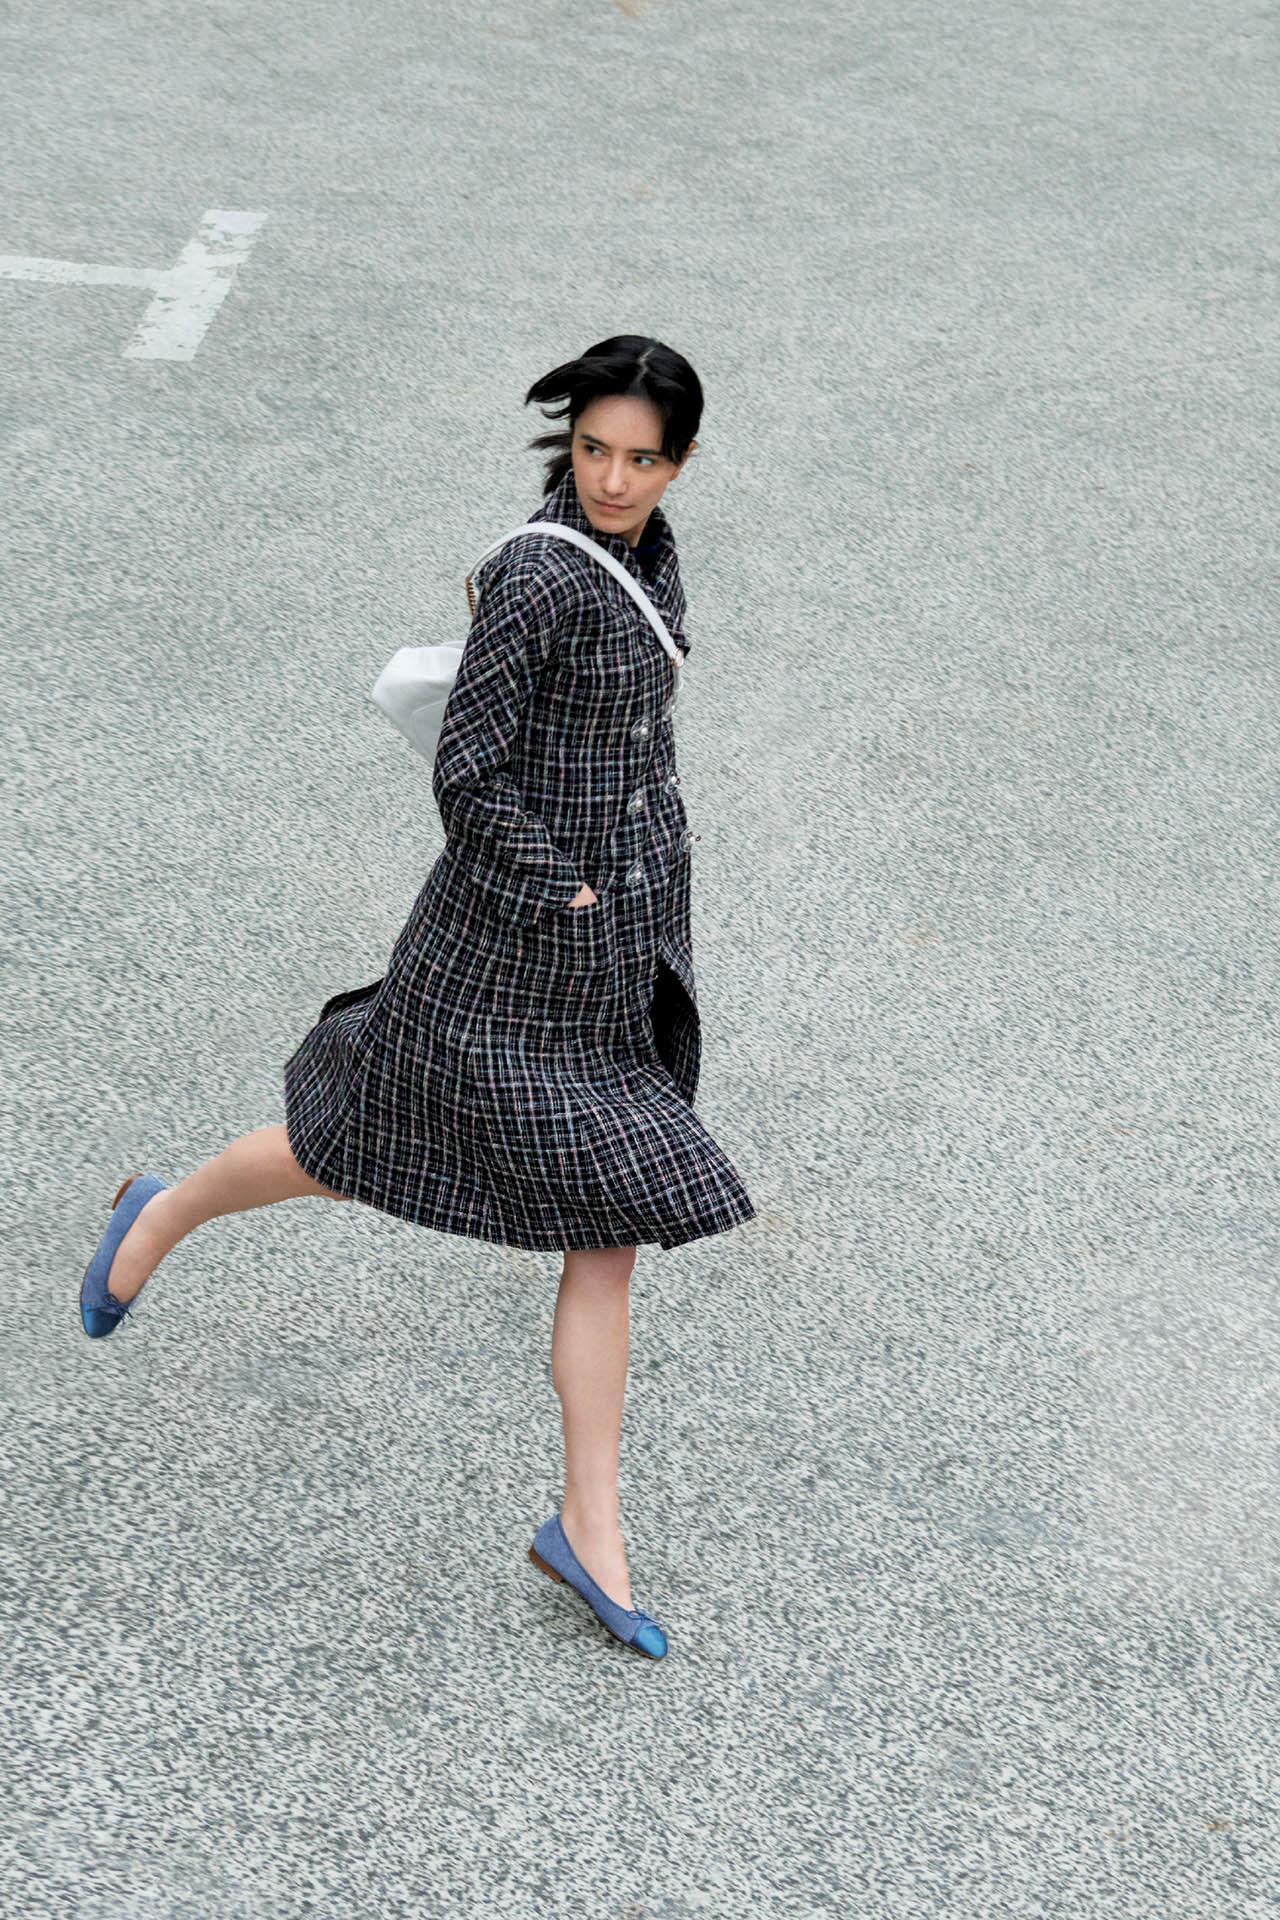 Jマダムの足元は、いつだって「ヒールがなくても素敵な靴」 五選_1_1-2